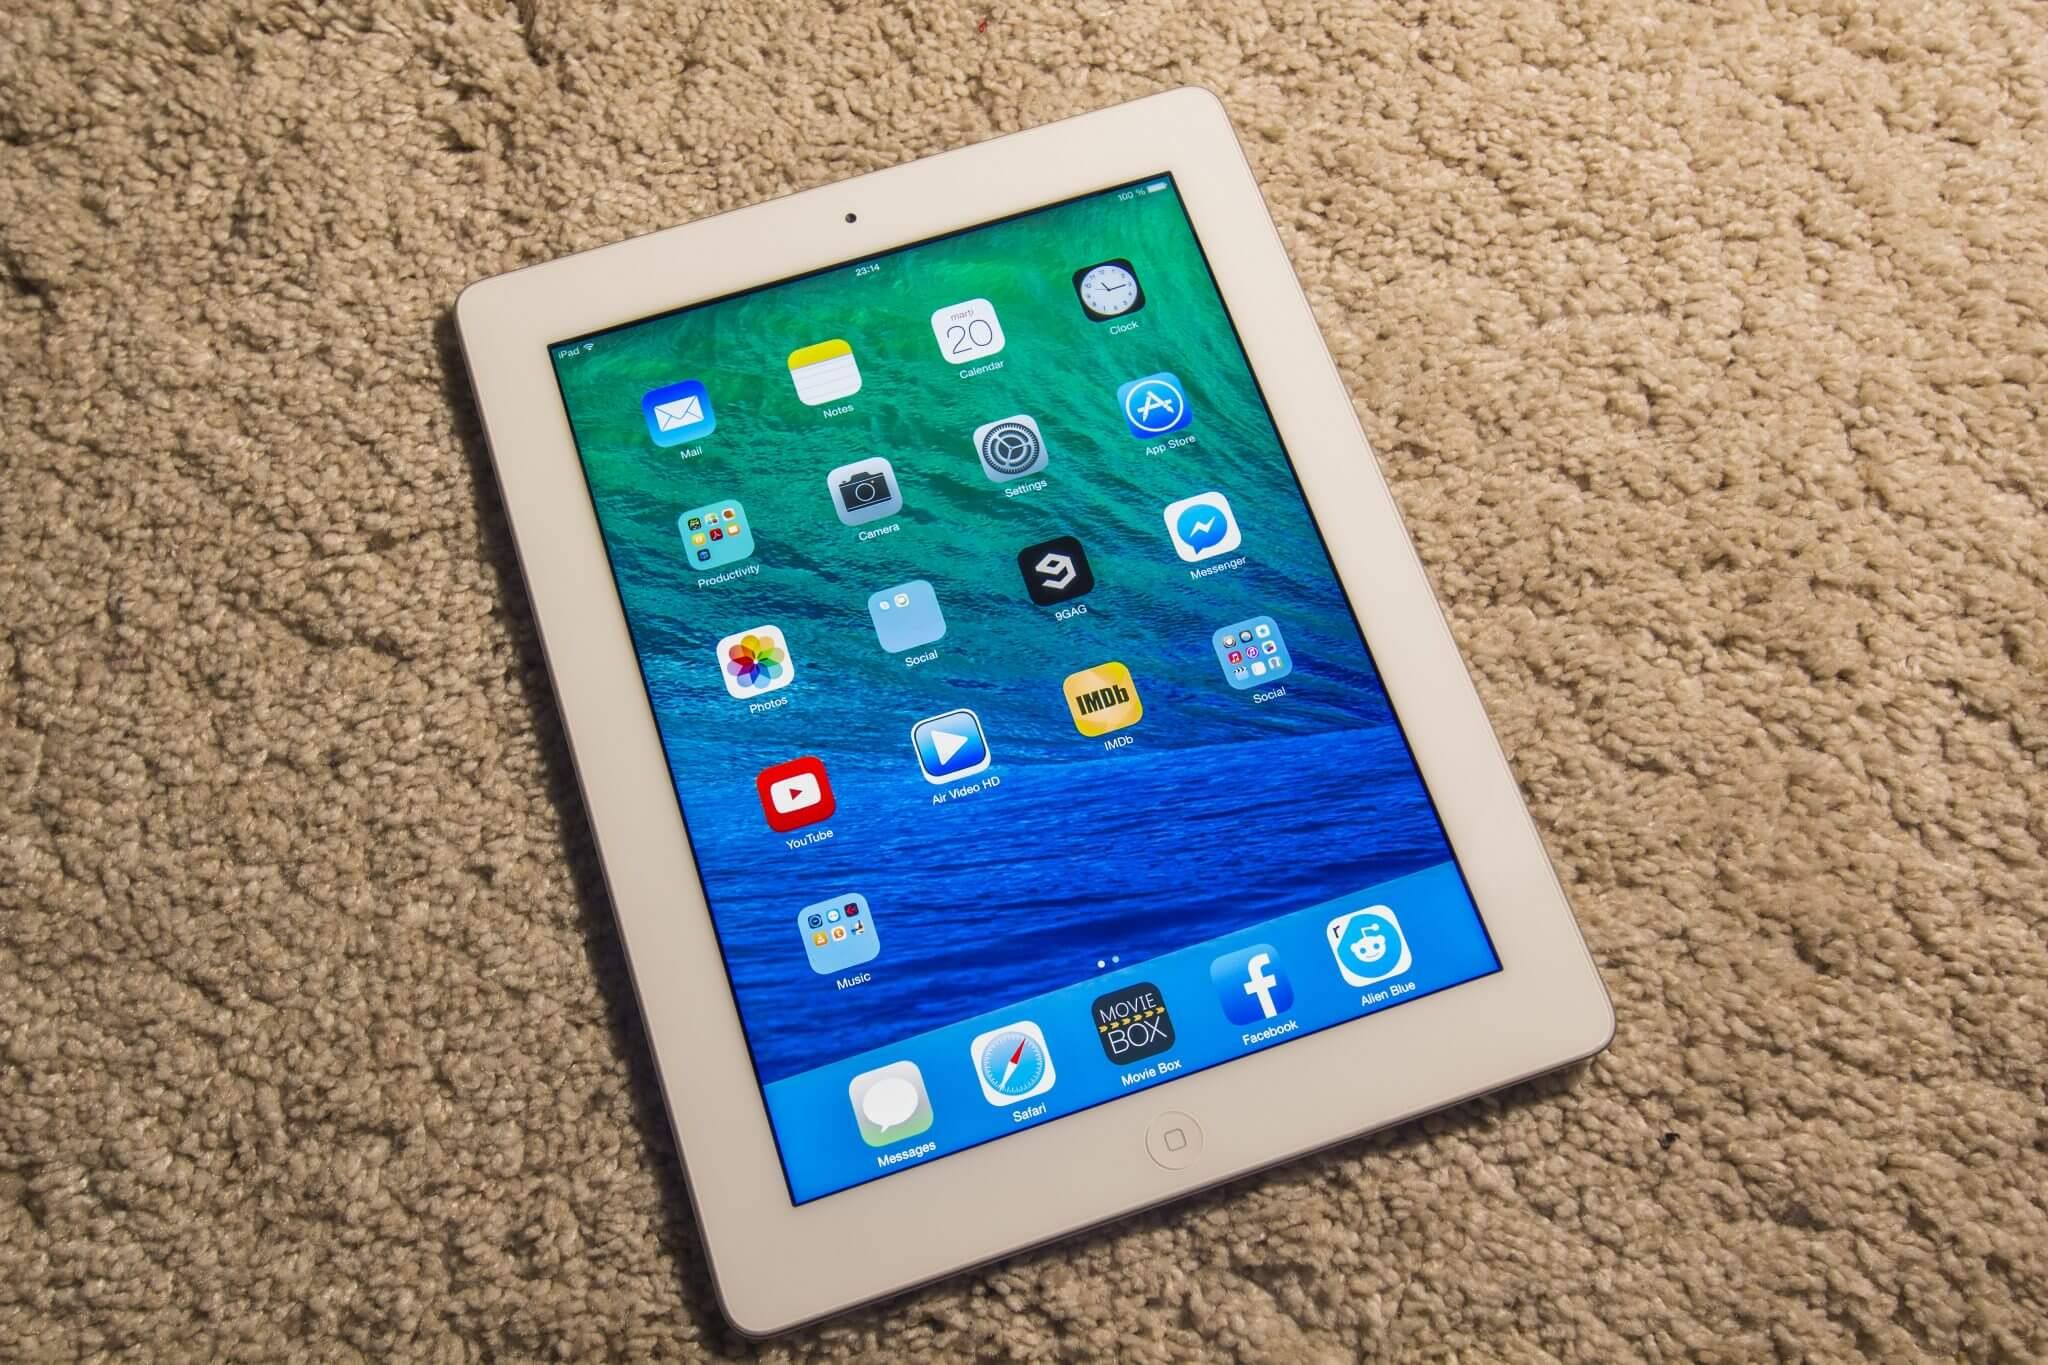 初心者に2018新iPad (第6世代iPad)をお勧めする3つの理由